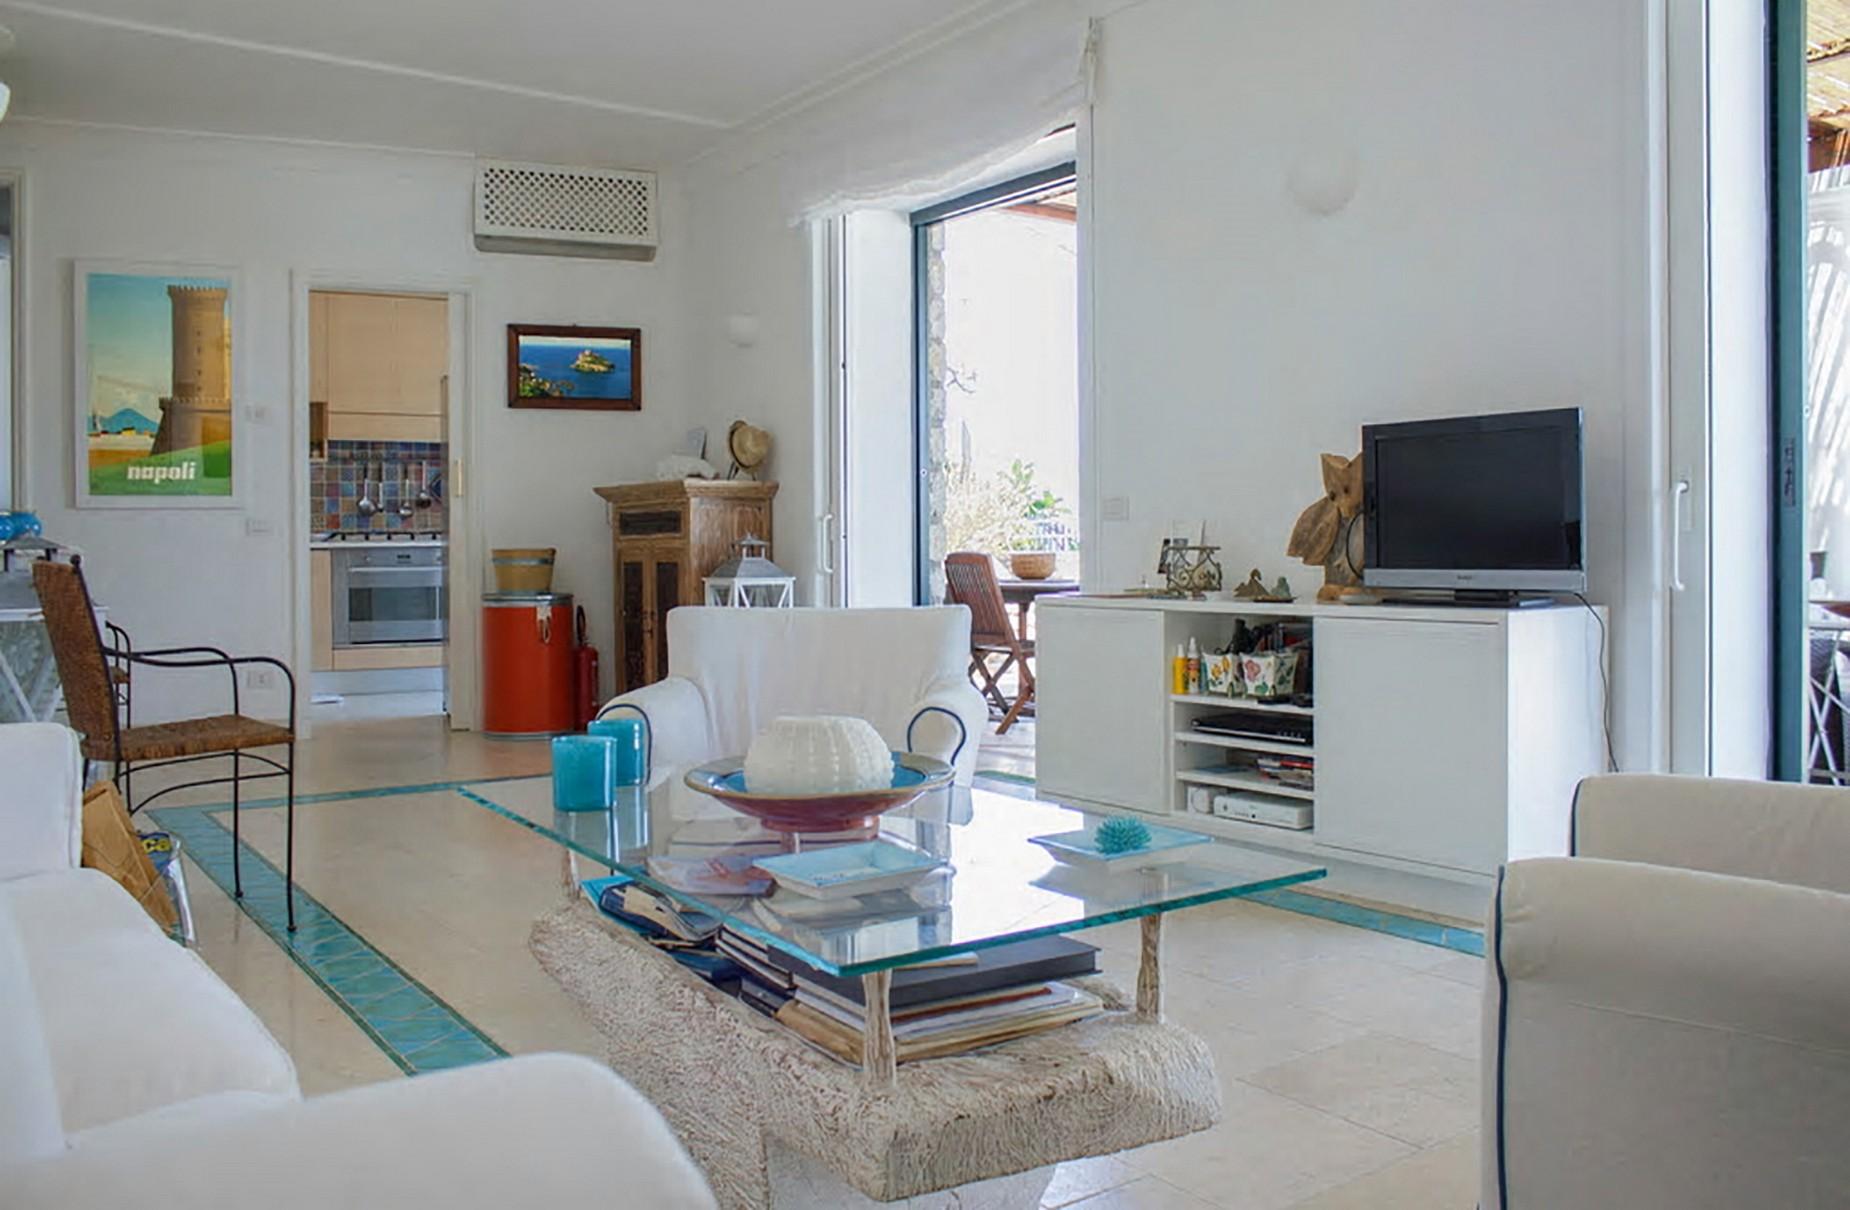 Villa in Vendita a Capri: 5 locali, 150 mq - Foto 15